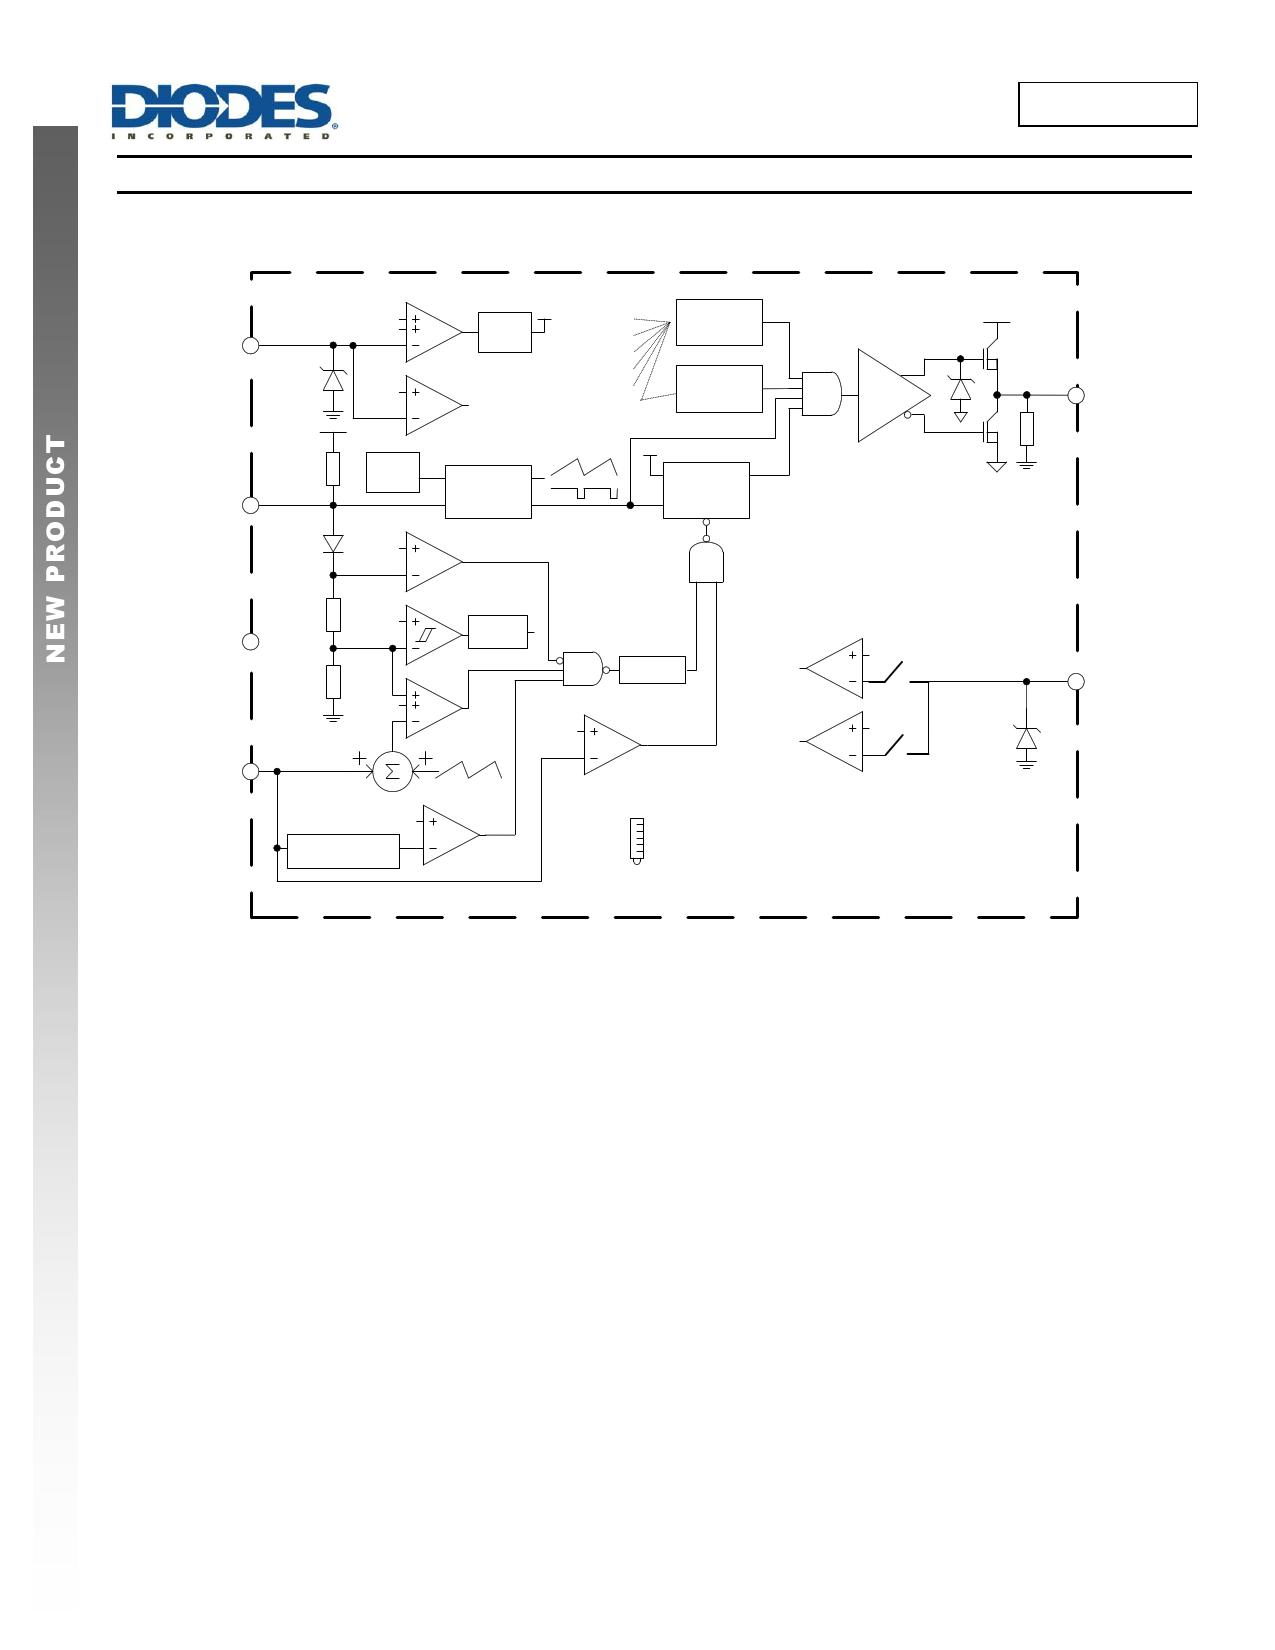 AP3127 pdf, 電子部品, 半導体, ピン配列